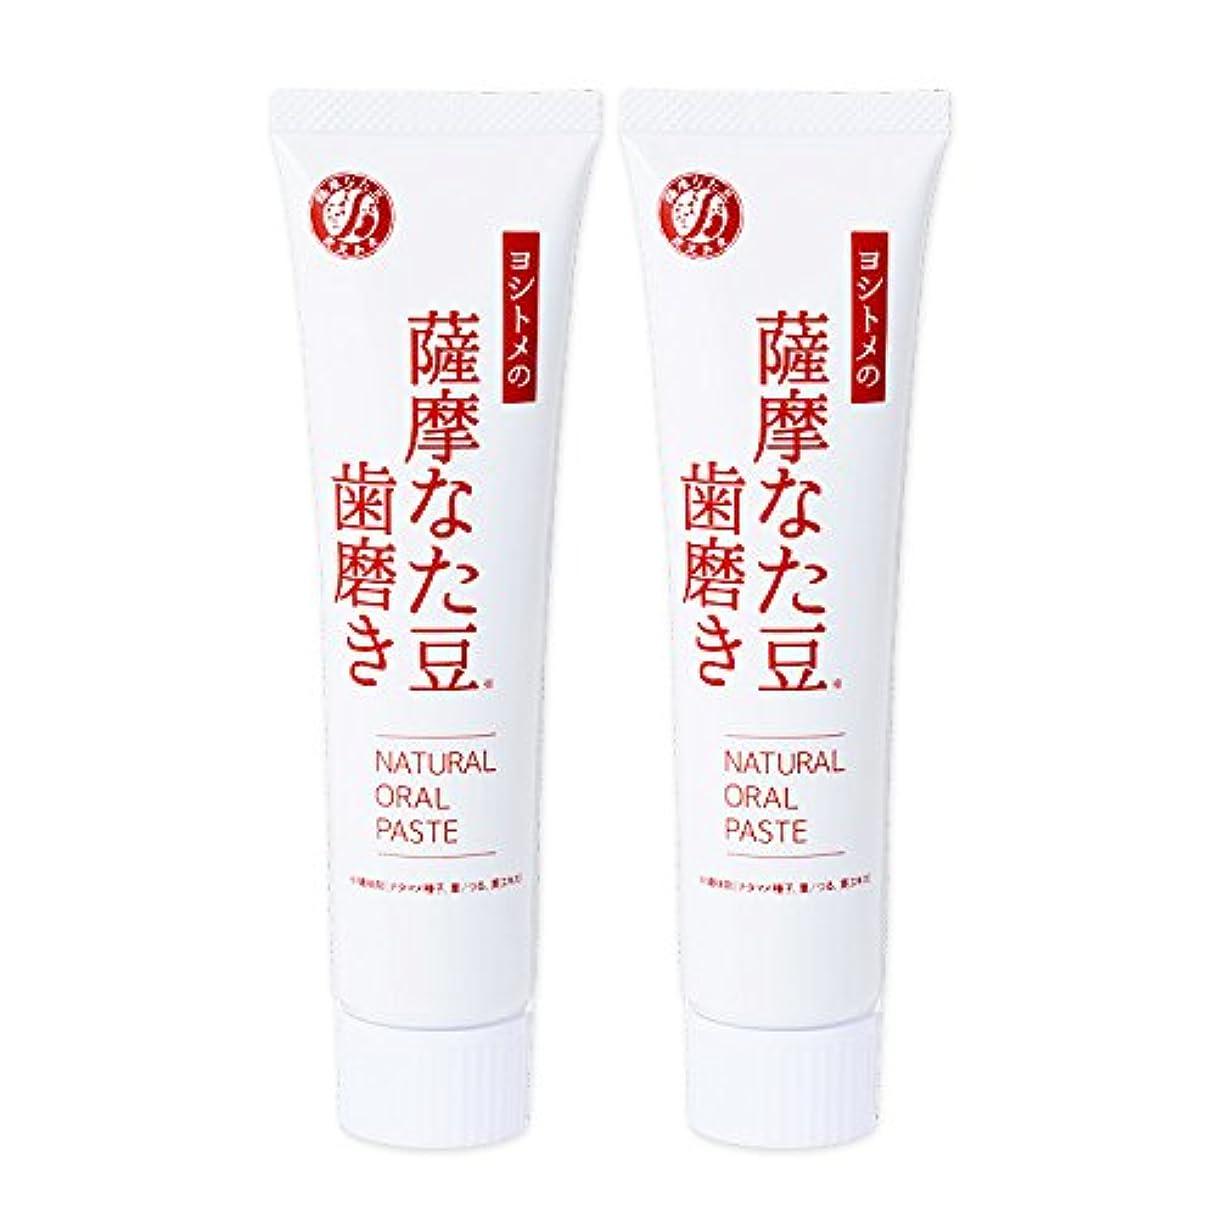 好意的切断する野望ヨシトメの薩摩なた豆歯磨き [110g]白箱◆2個セット